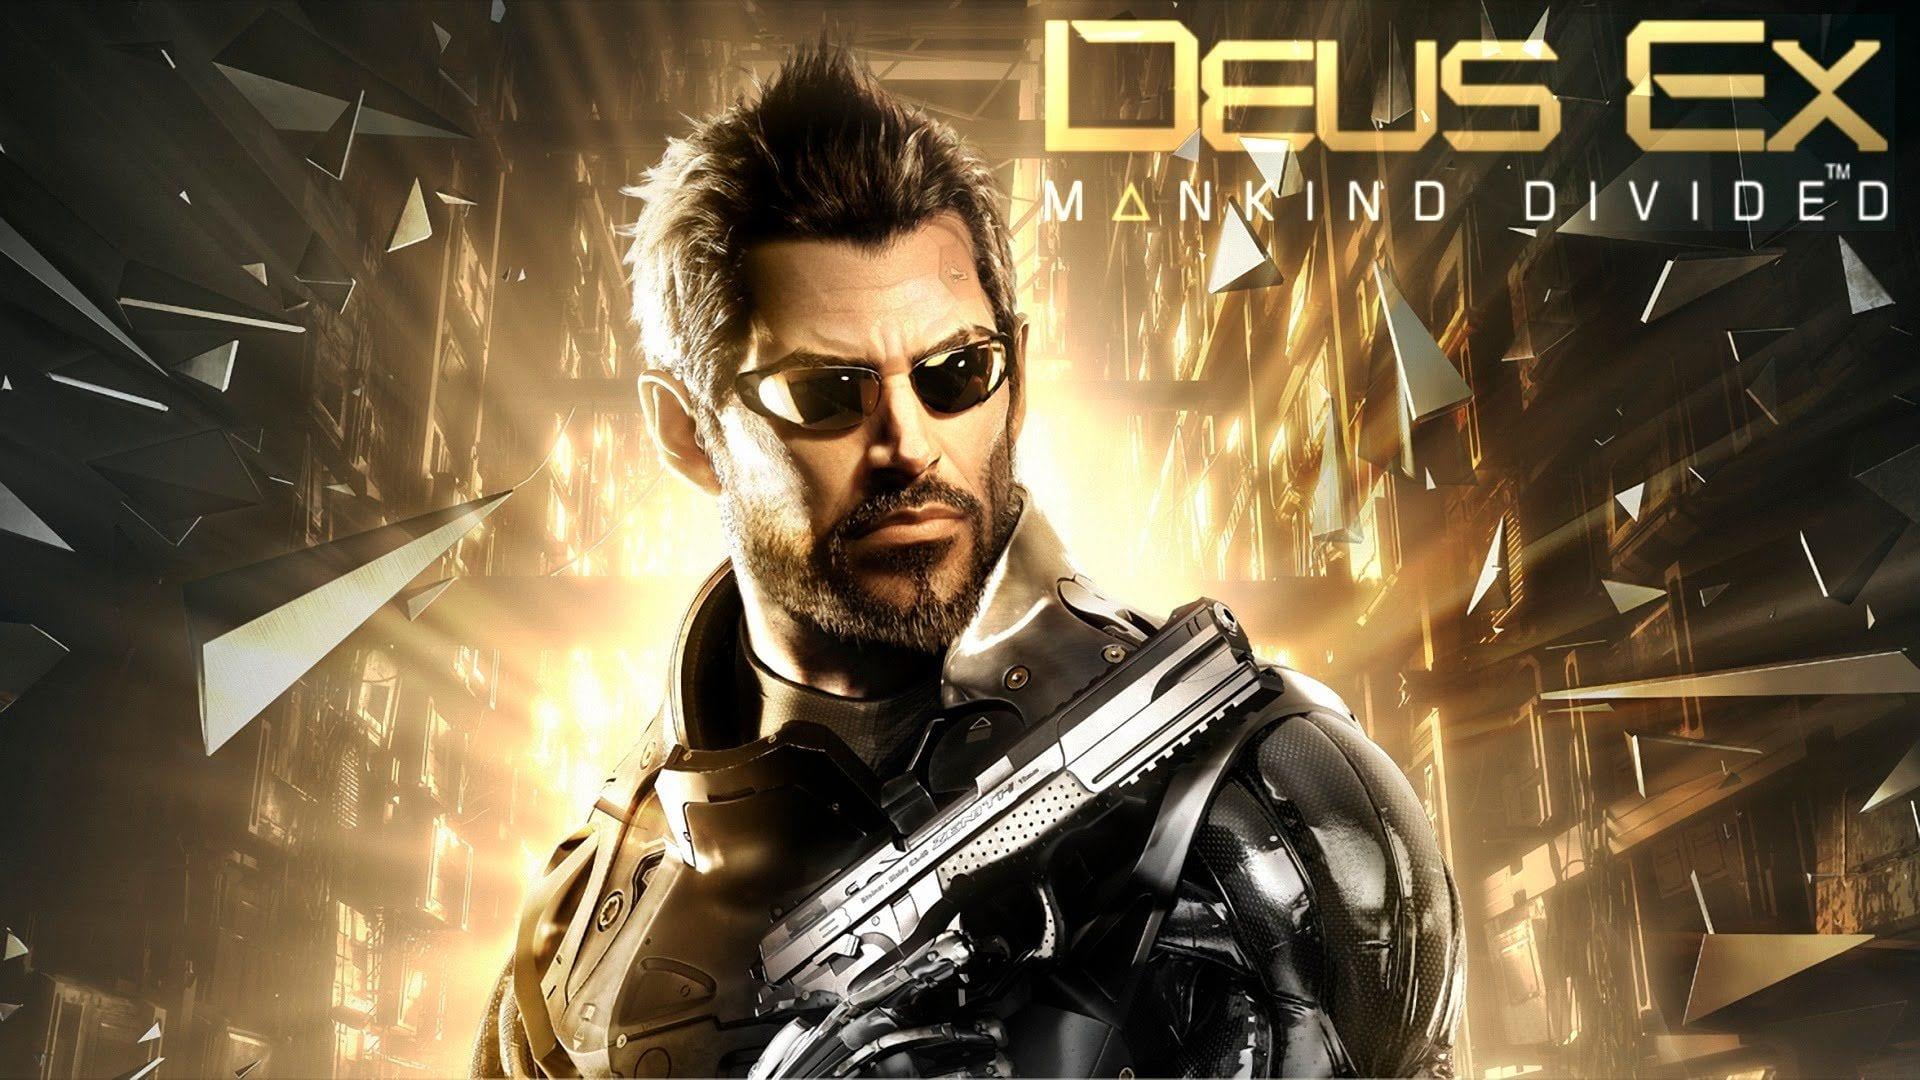 Deus_ex_mankind_divided_Copertina